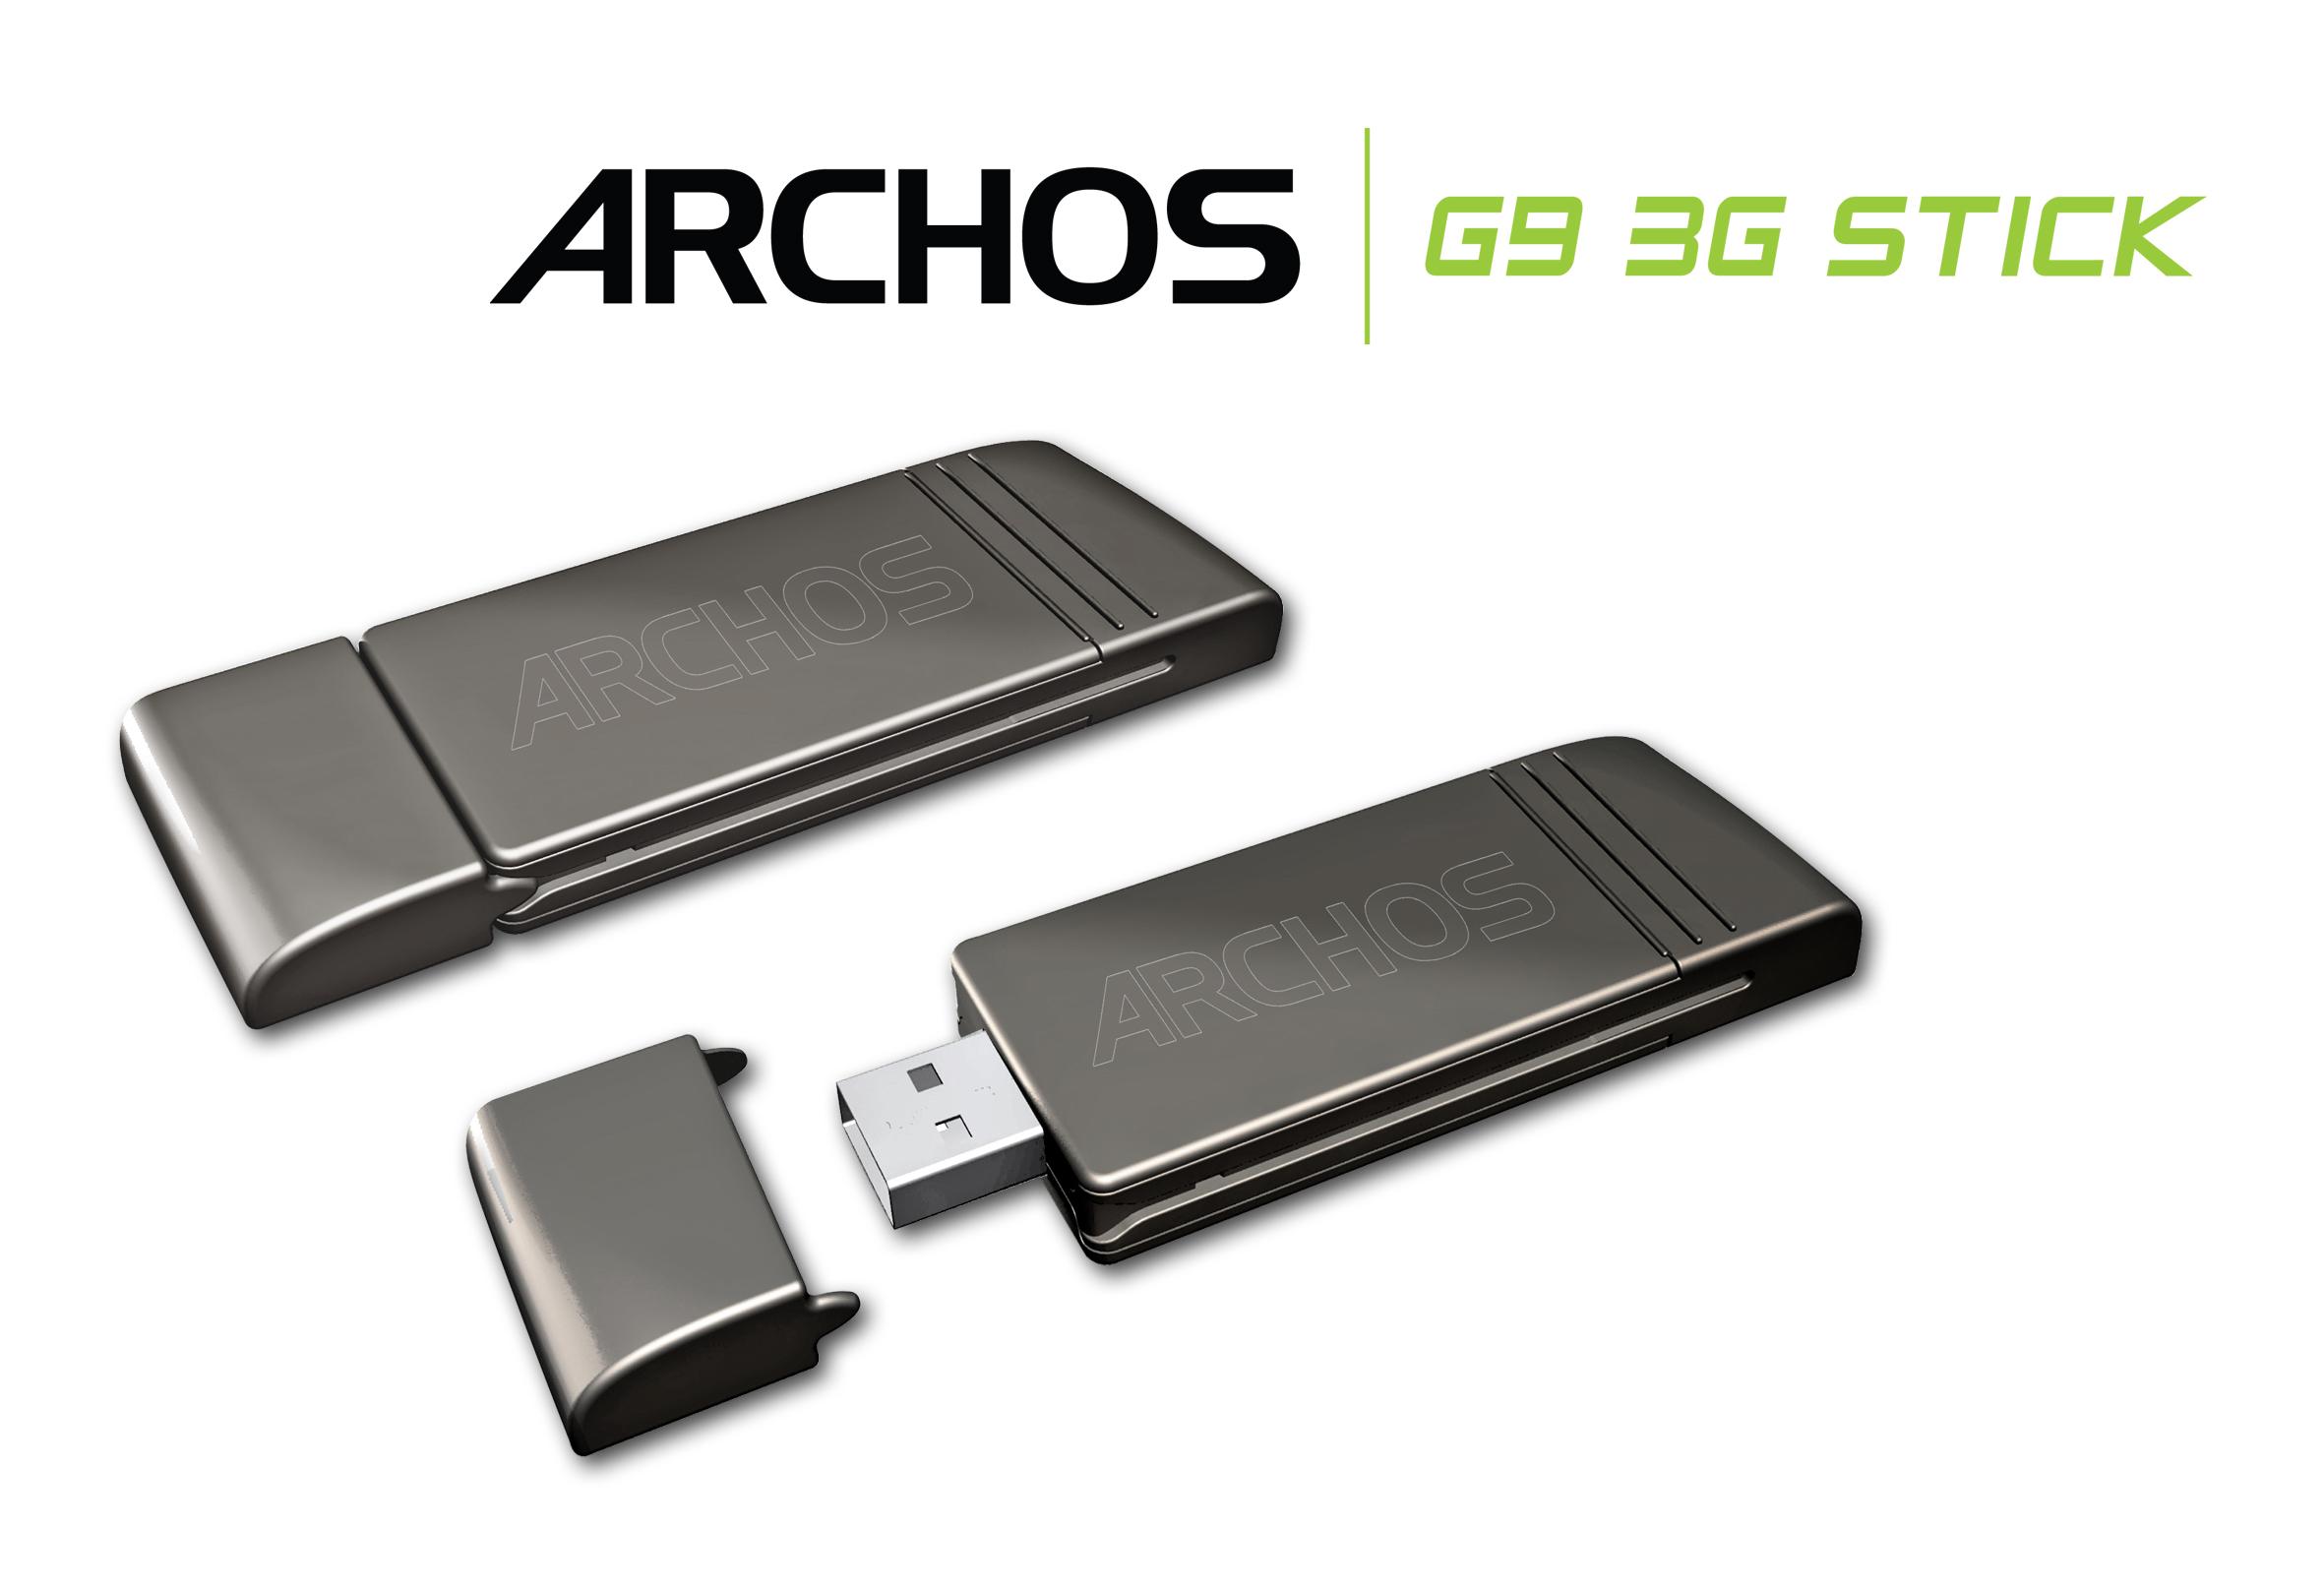 Archos G9 : un accord avec l'opérateur SFR pour la distribution de sa clé 3G 5